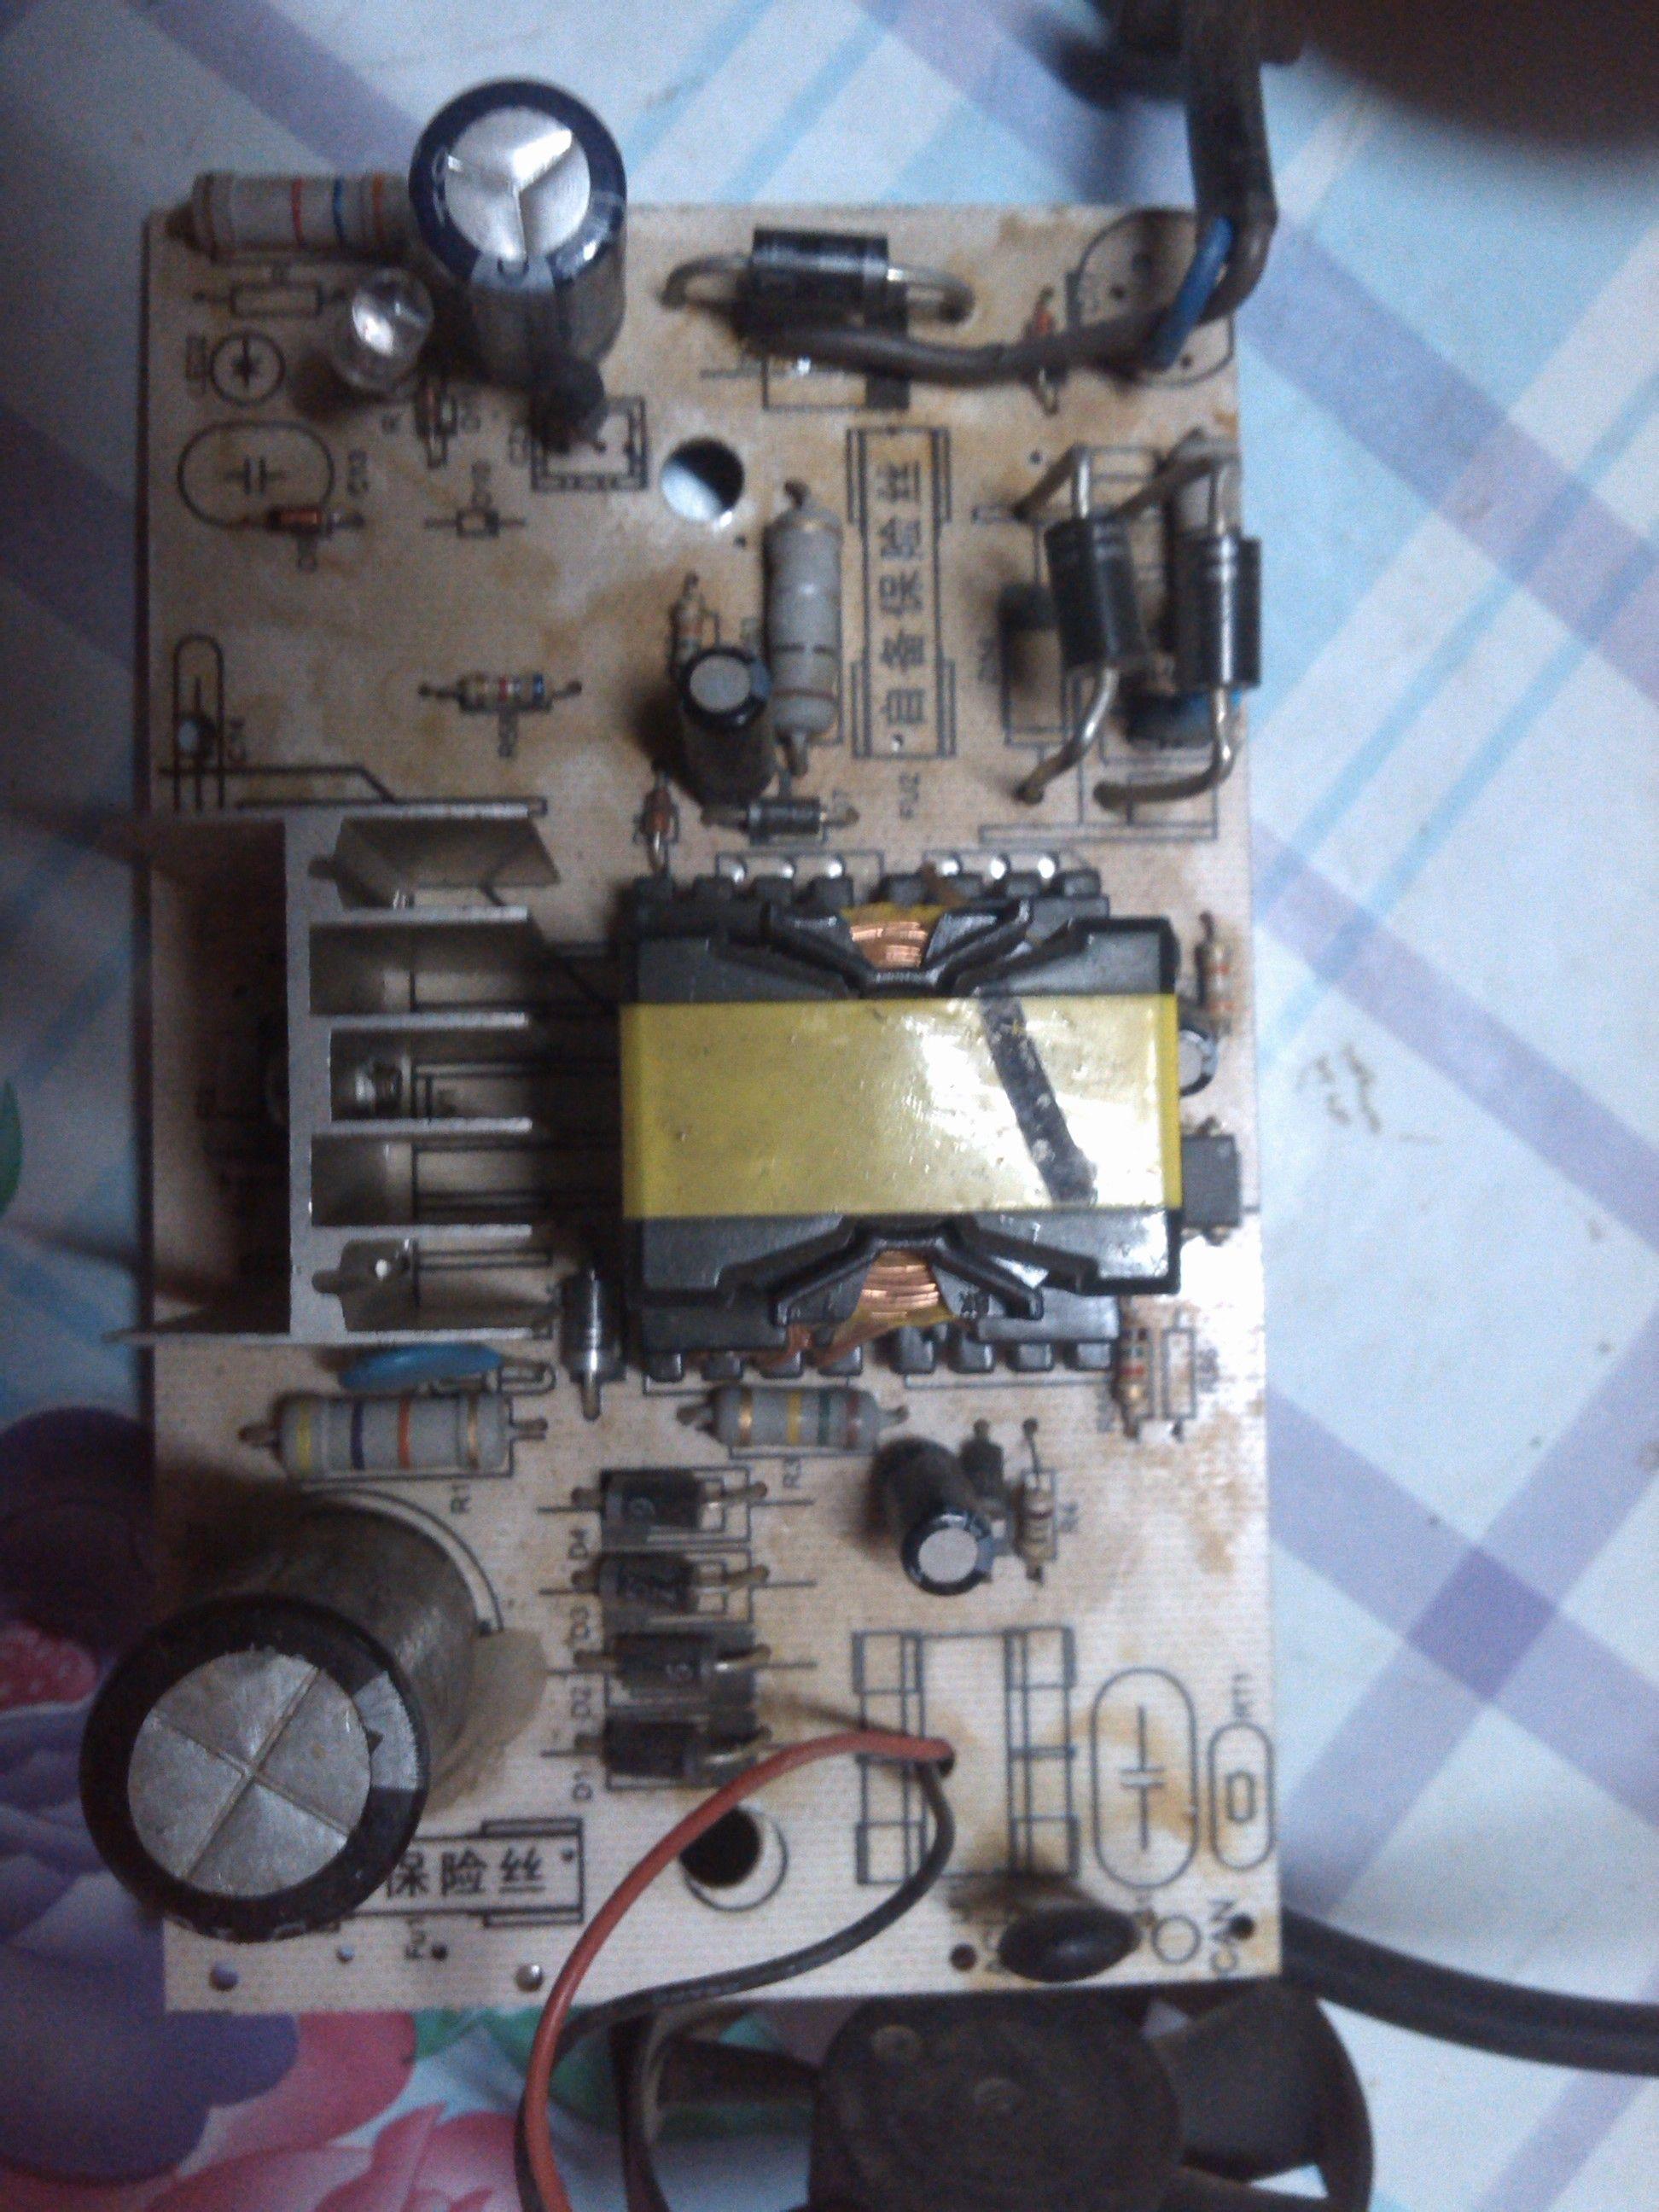 48v电动车充电器改成12v充电器(求详解,最好在图片上标明)